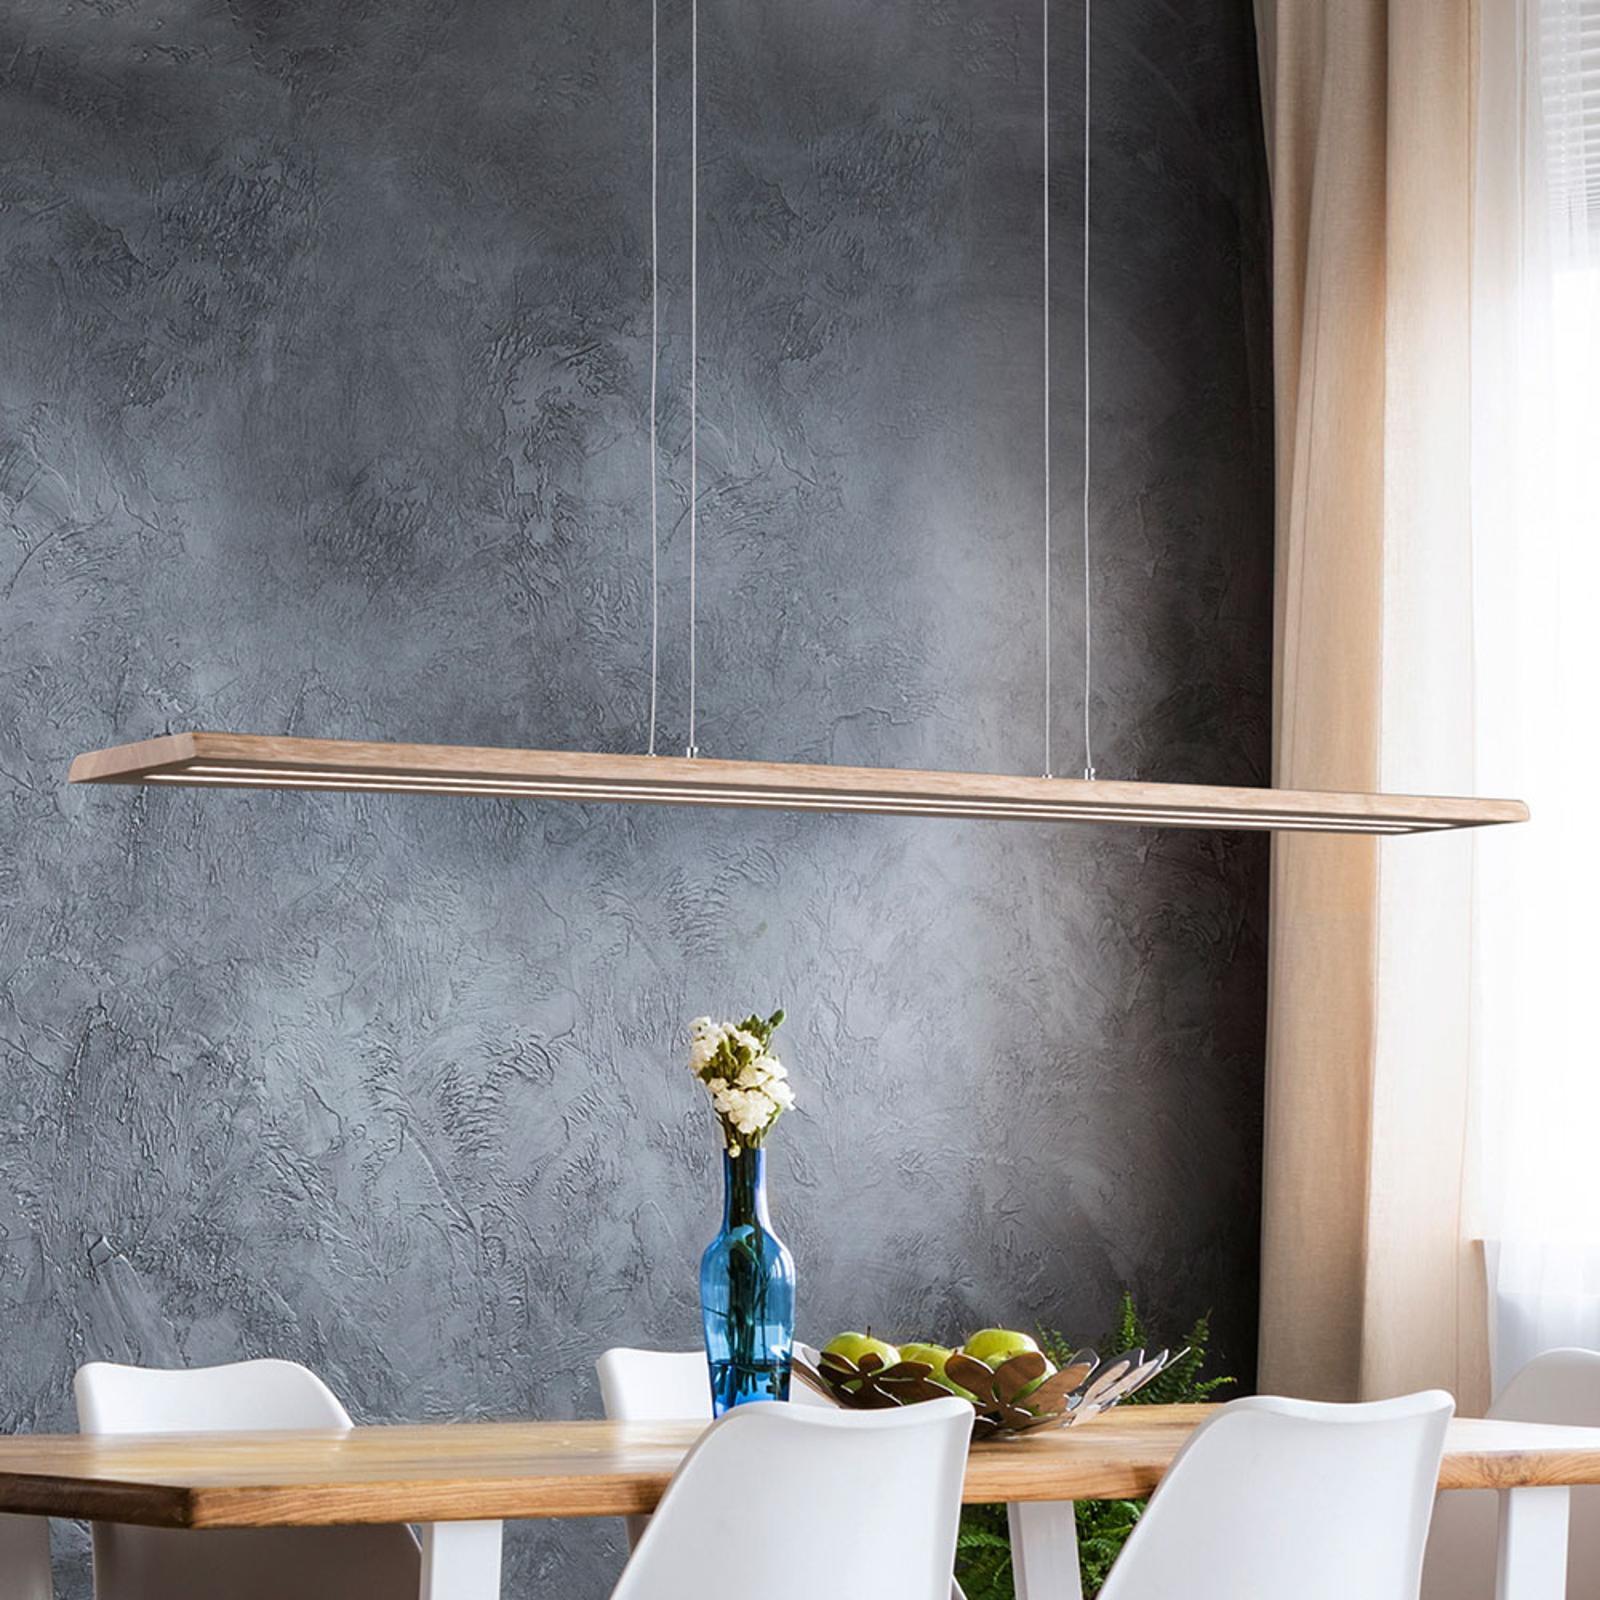 Luonnonpuu LED-riippuvalaisin Cyra, 138 cm